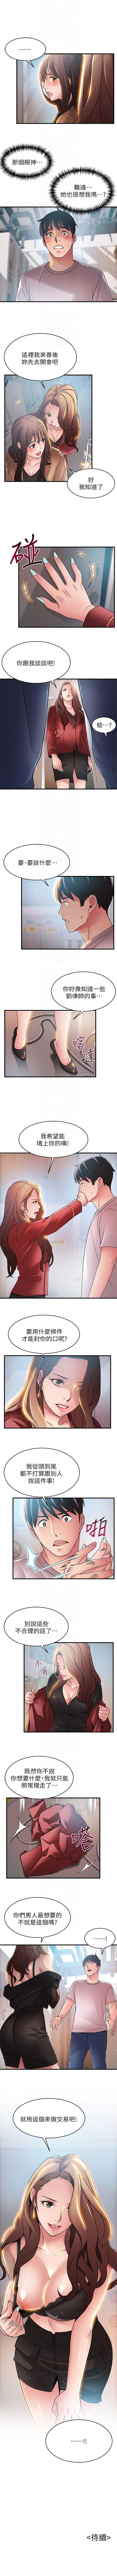 弱點 1-101 官方中文(連載中) 236